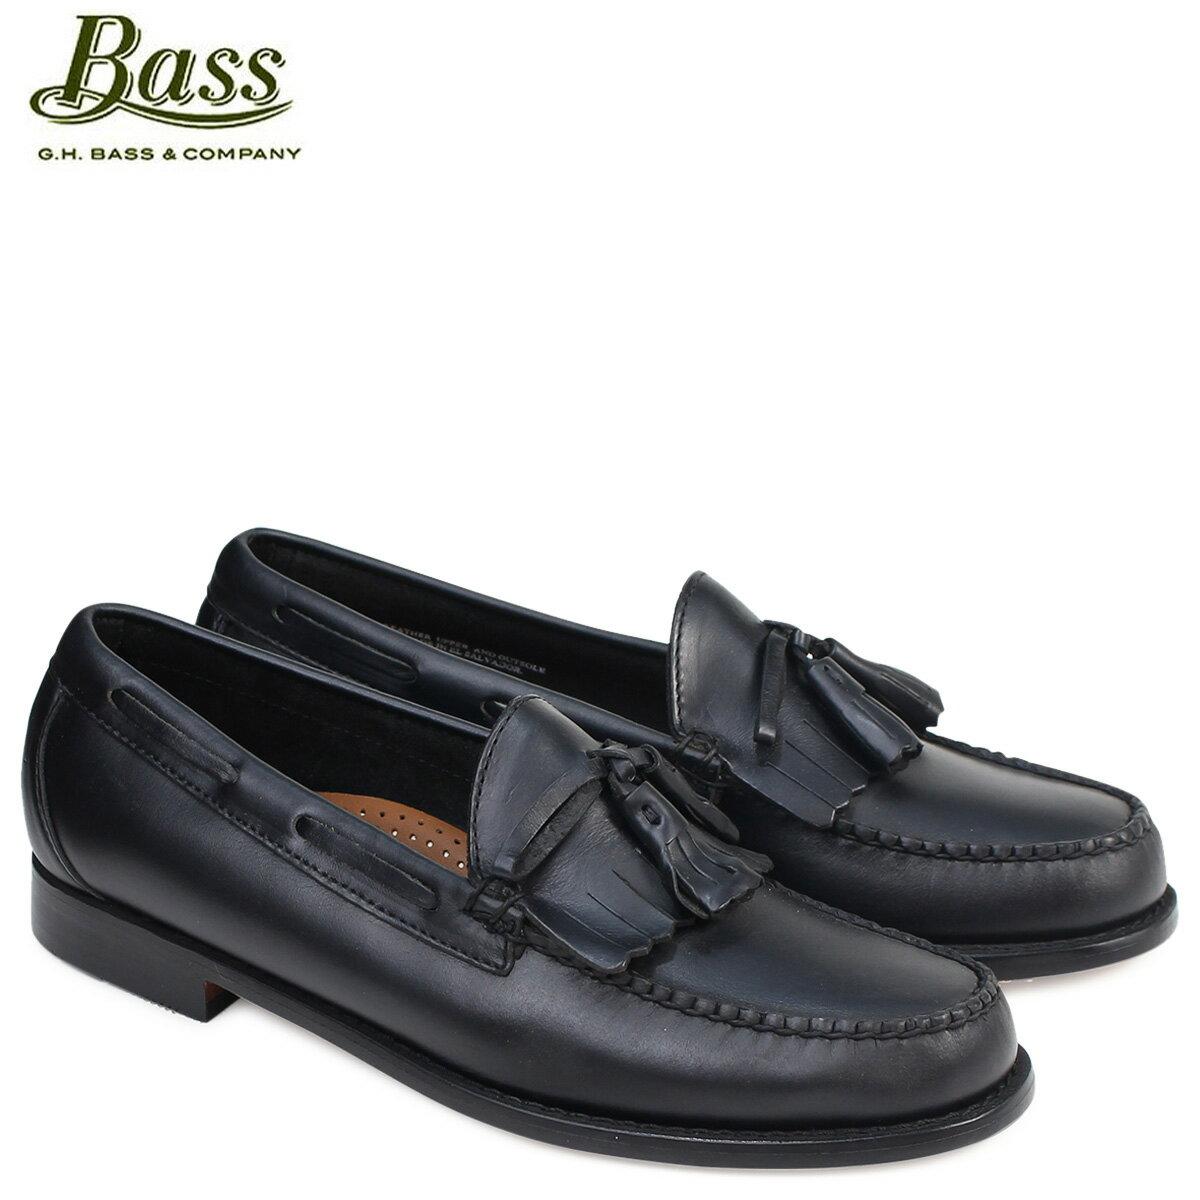 G.H. BASS ローファー ジーエイチバス メンズ ペニー タッセル LAWRENCE KILTIE WEEJUNS 70-80914 靴 ブラック [2/1 追加入荷]